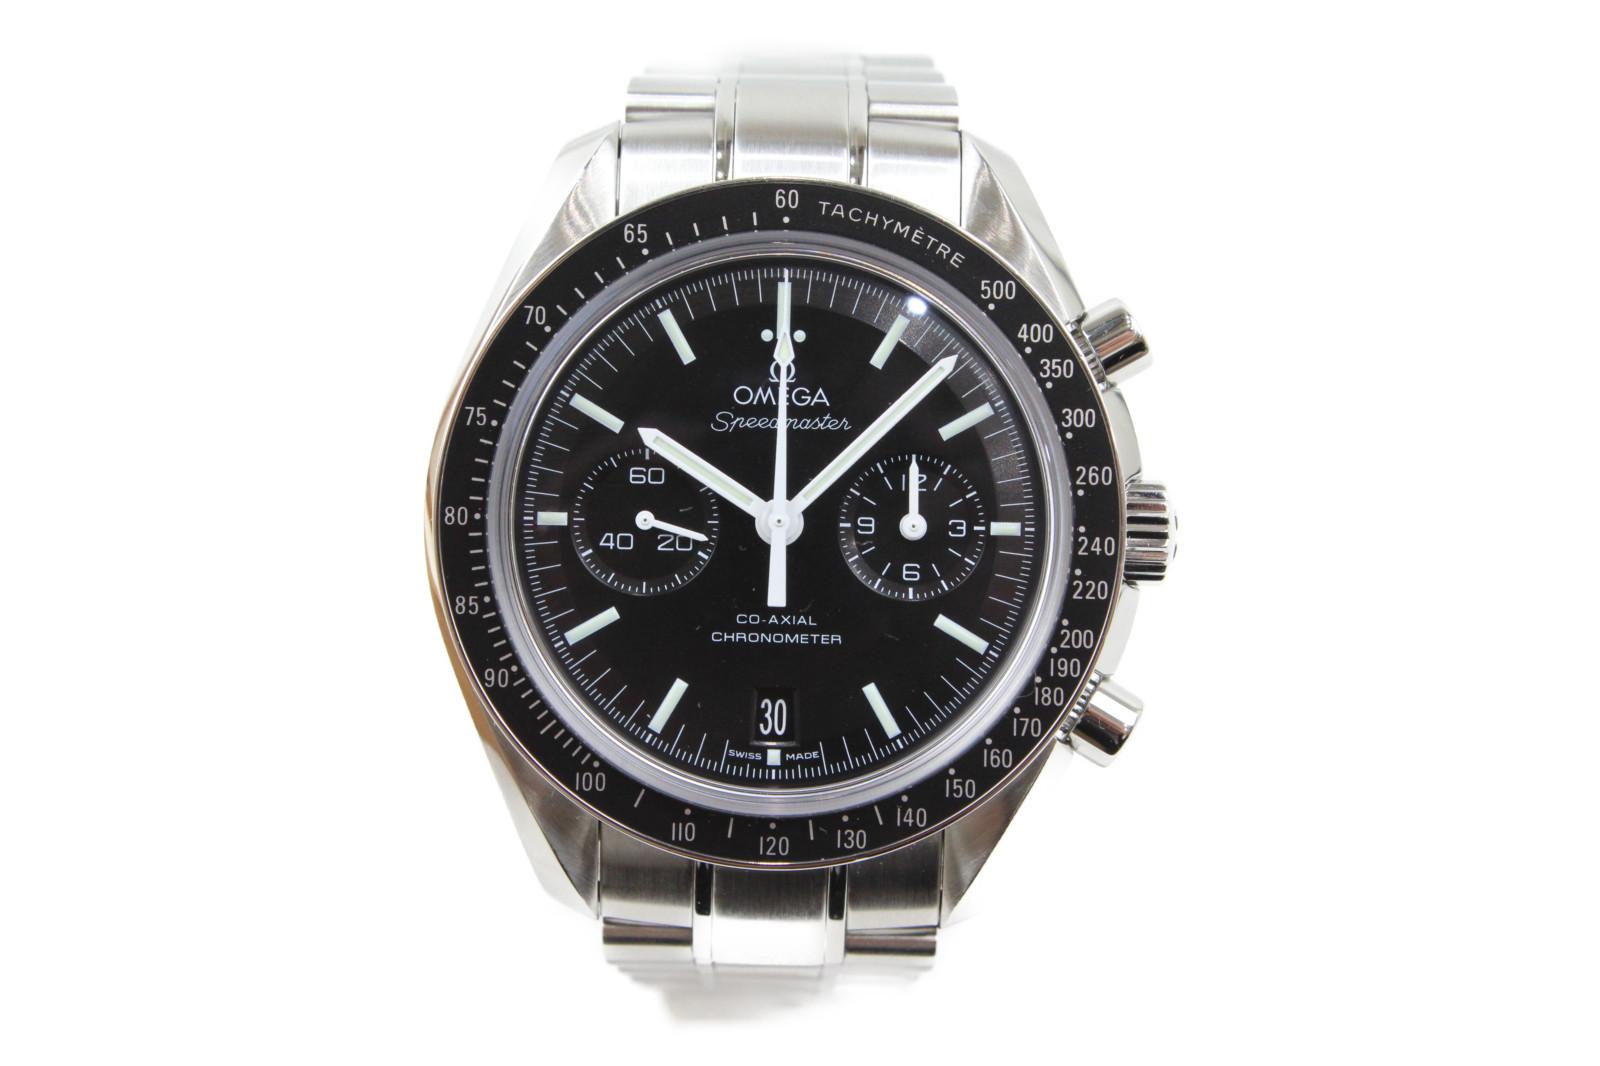 【ギャラ有】OMEGA オメガ スピードマスター コーアクシャル クロノメーター  311.30.44.51.01.002 自動巻き クロノグラフ デイト SS ステンレススチール ブラック メンズ 腕時計【中古】